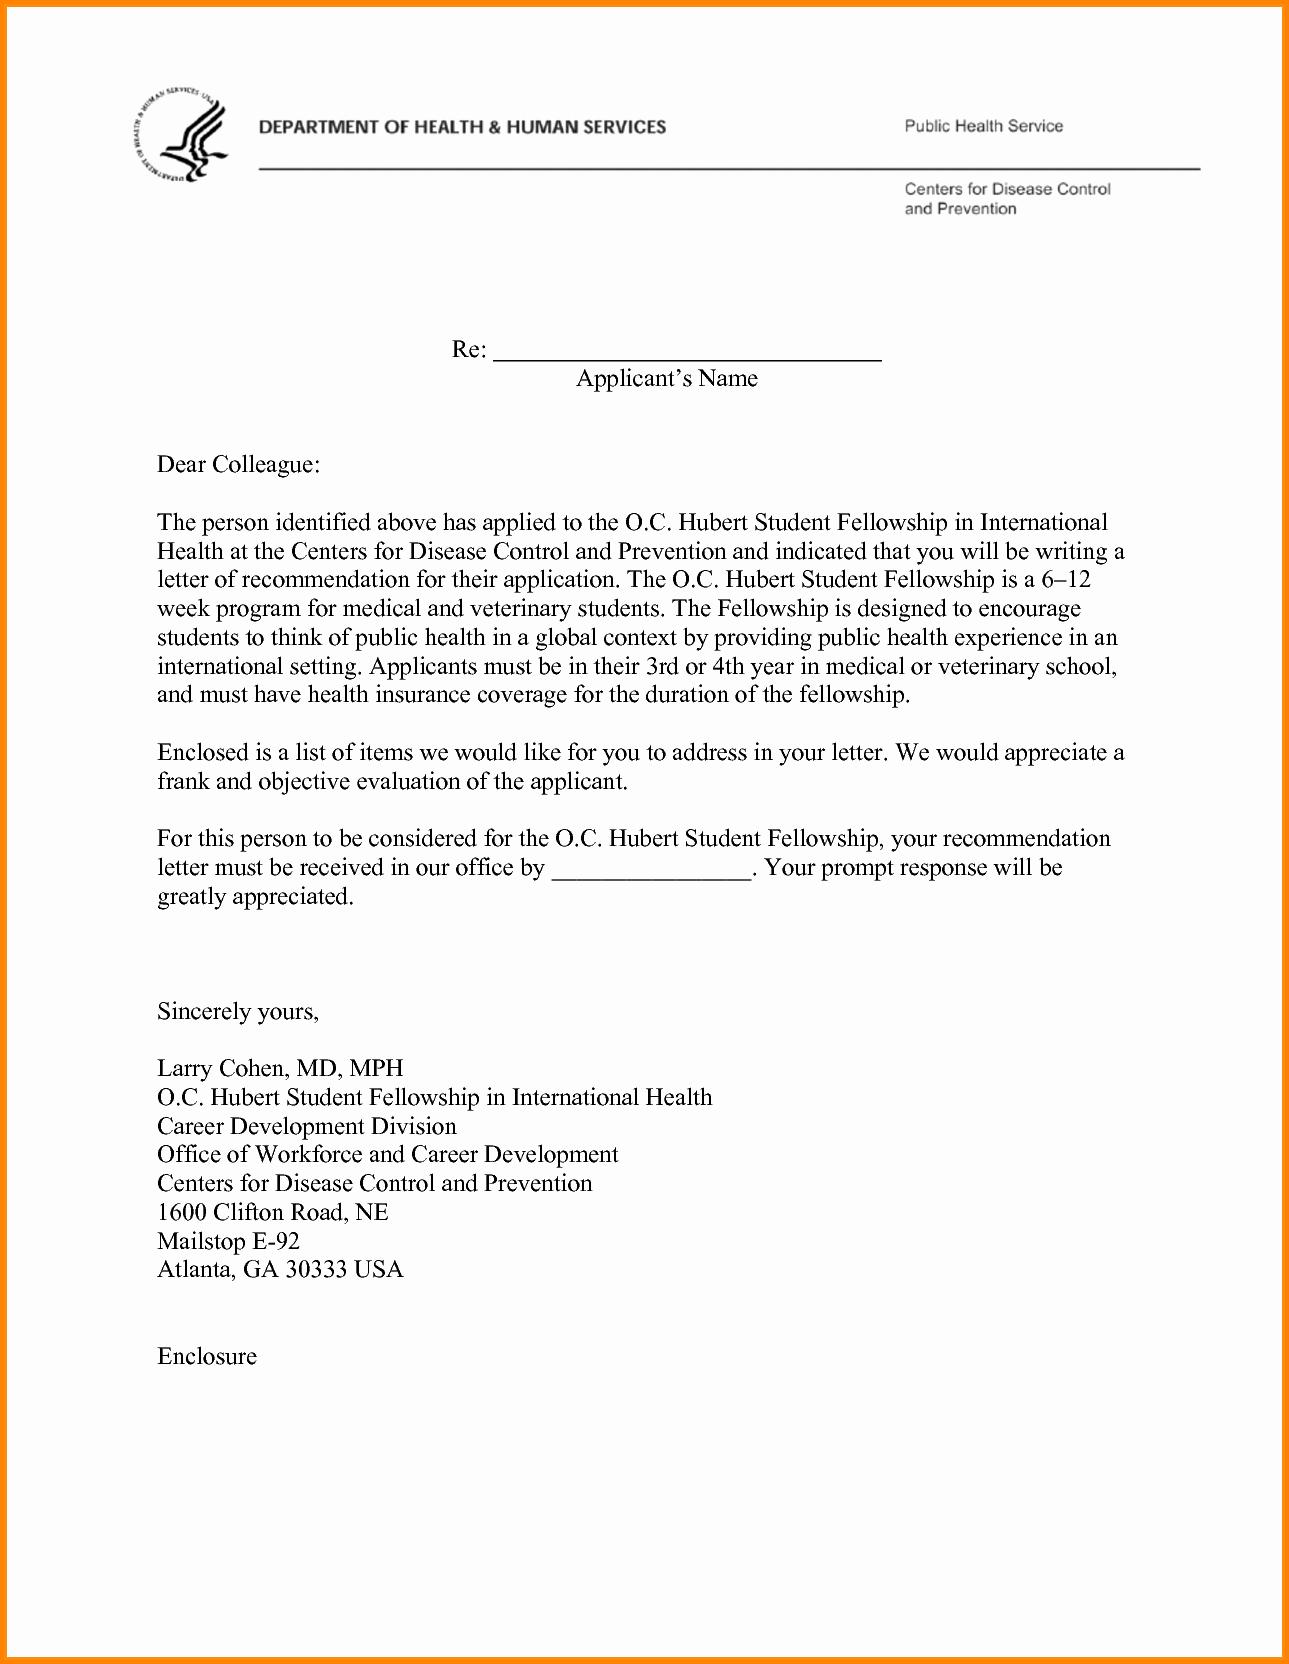 Medical School Recommendation Letter Sample Inspirational 12 Letter Of Re Mendation for Medical School Sample